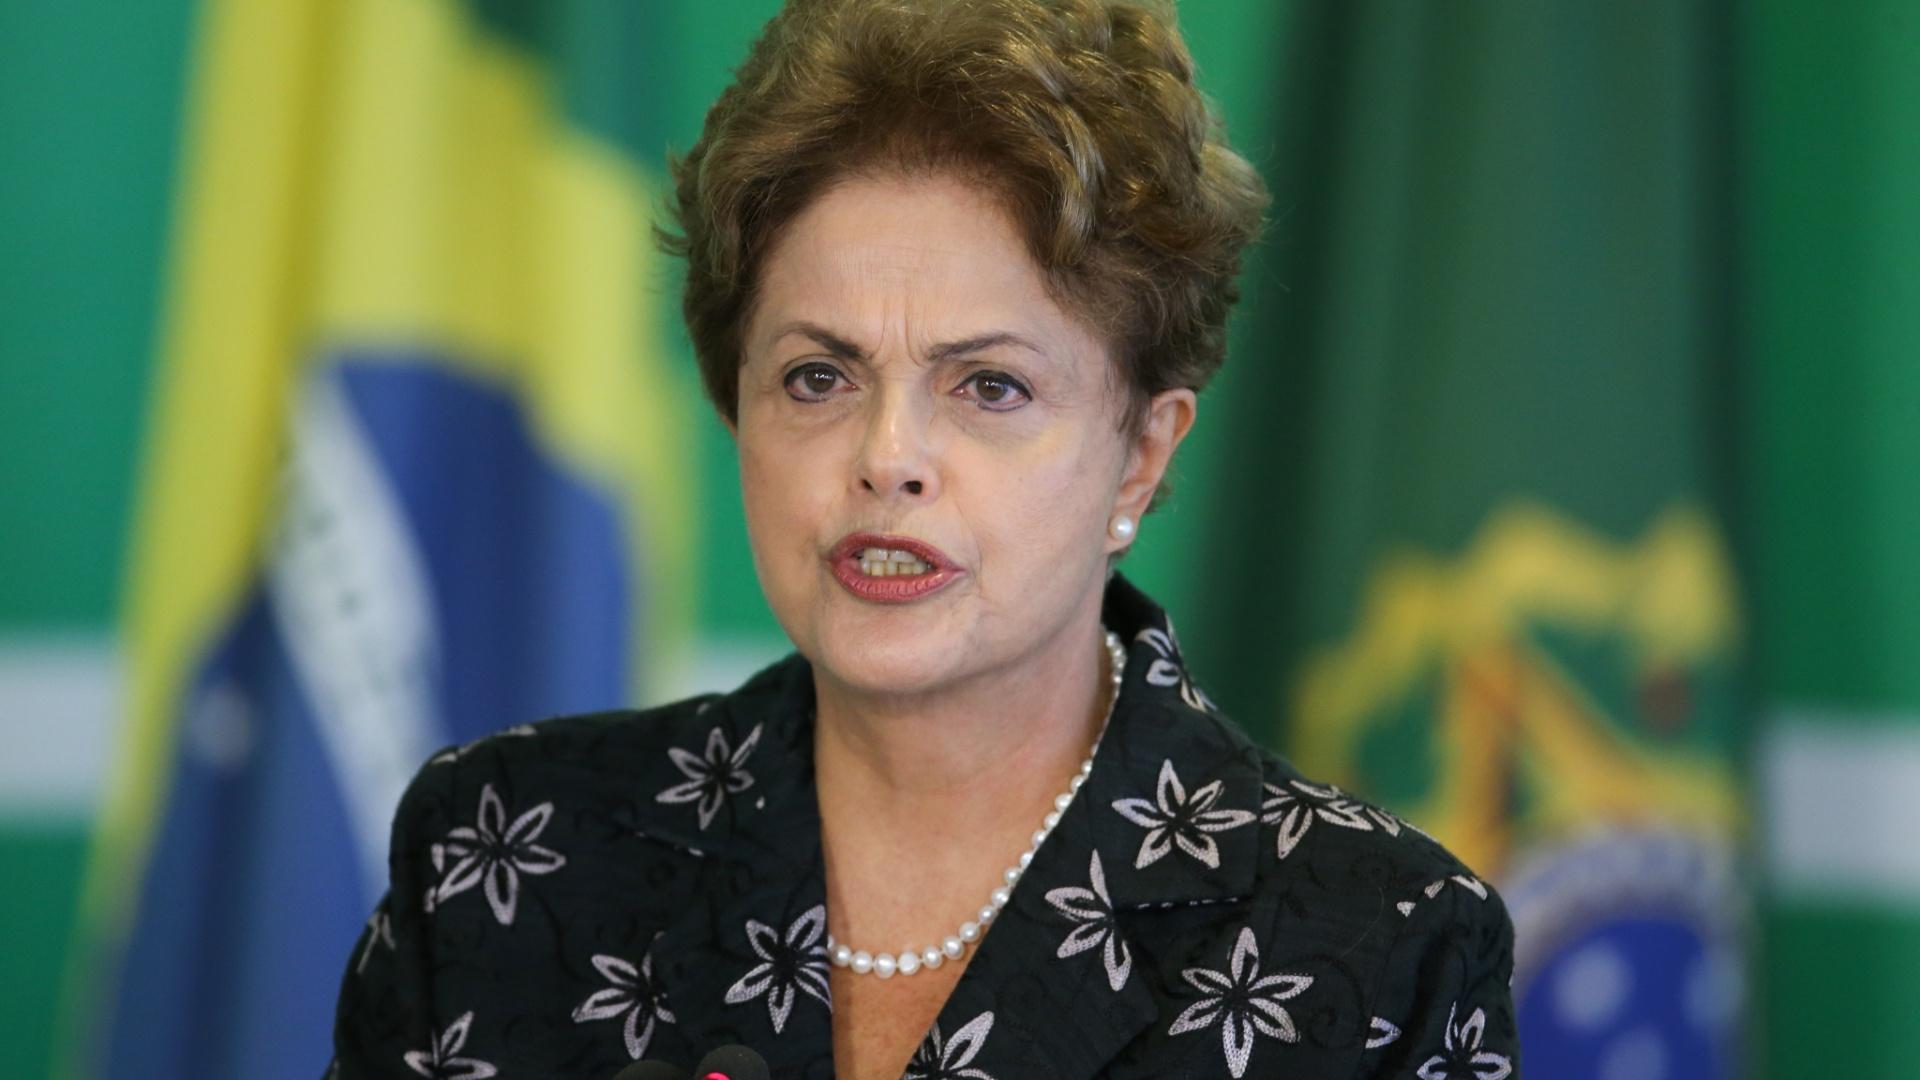 19.mar.2015 - A presidente Dilma Rousseff participa da cerimônia de anúncio de Medidas de Modernização do Futebol com o vice-presidente Michel Temer, os ministros George Hilton (Esportes) e Aloizio Mercadante (Casa Civil), no Palácio do Planalto